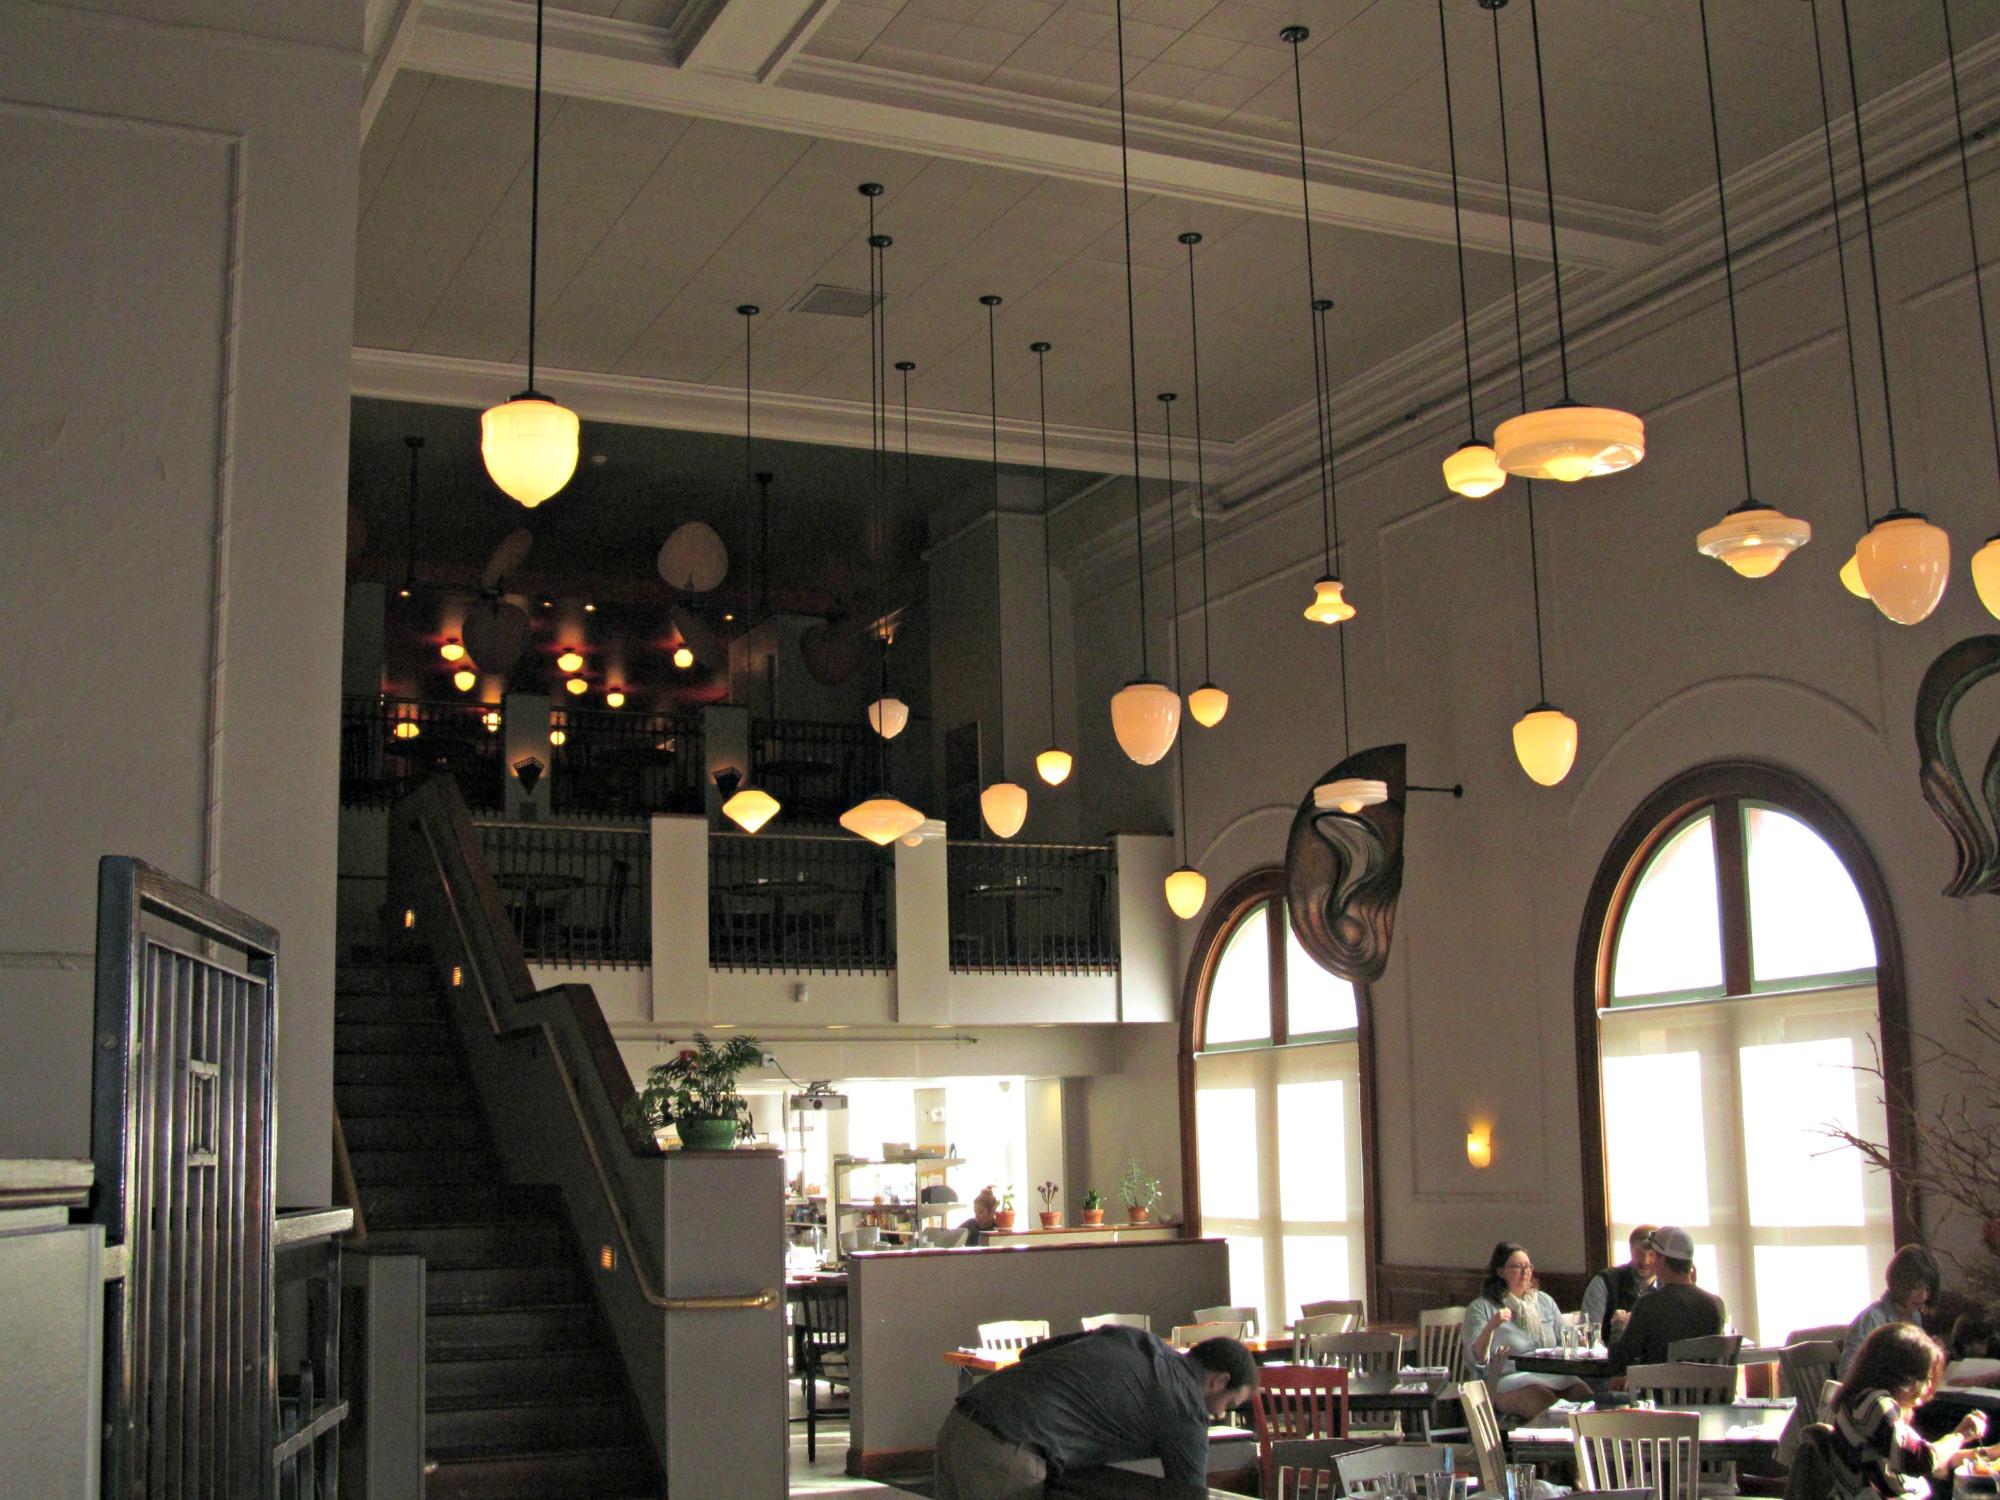 Best Restaurants In Downtown Lawrence Ks